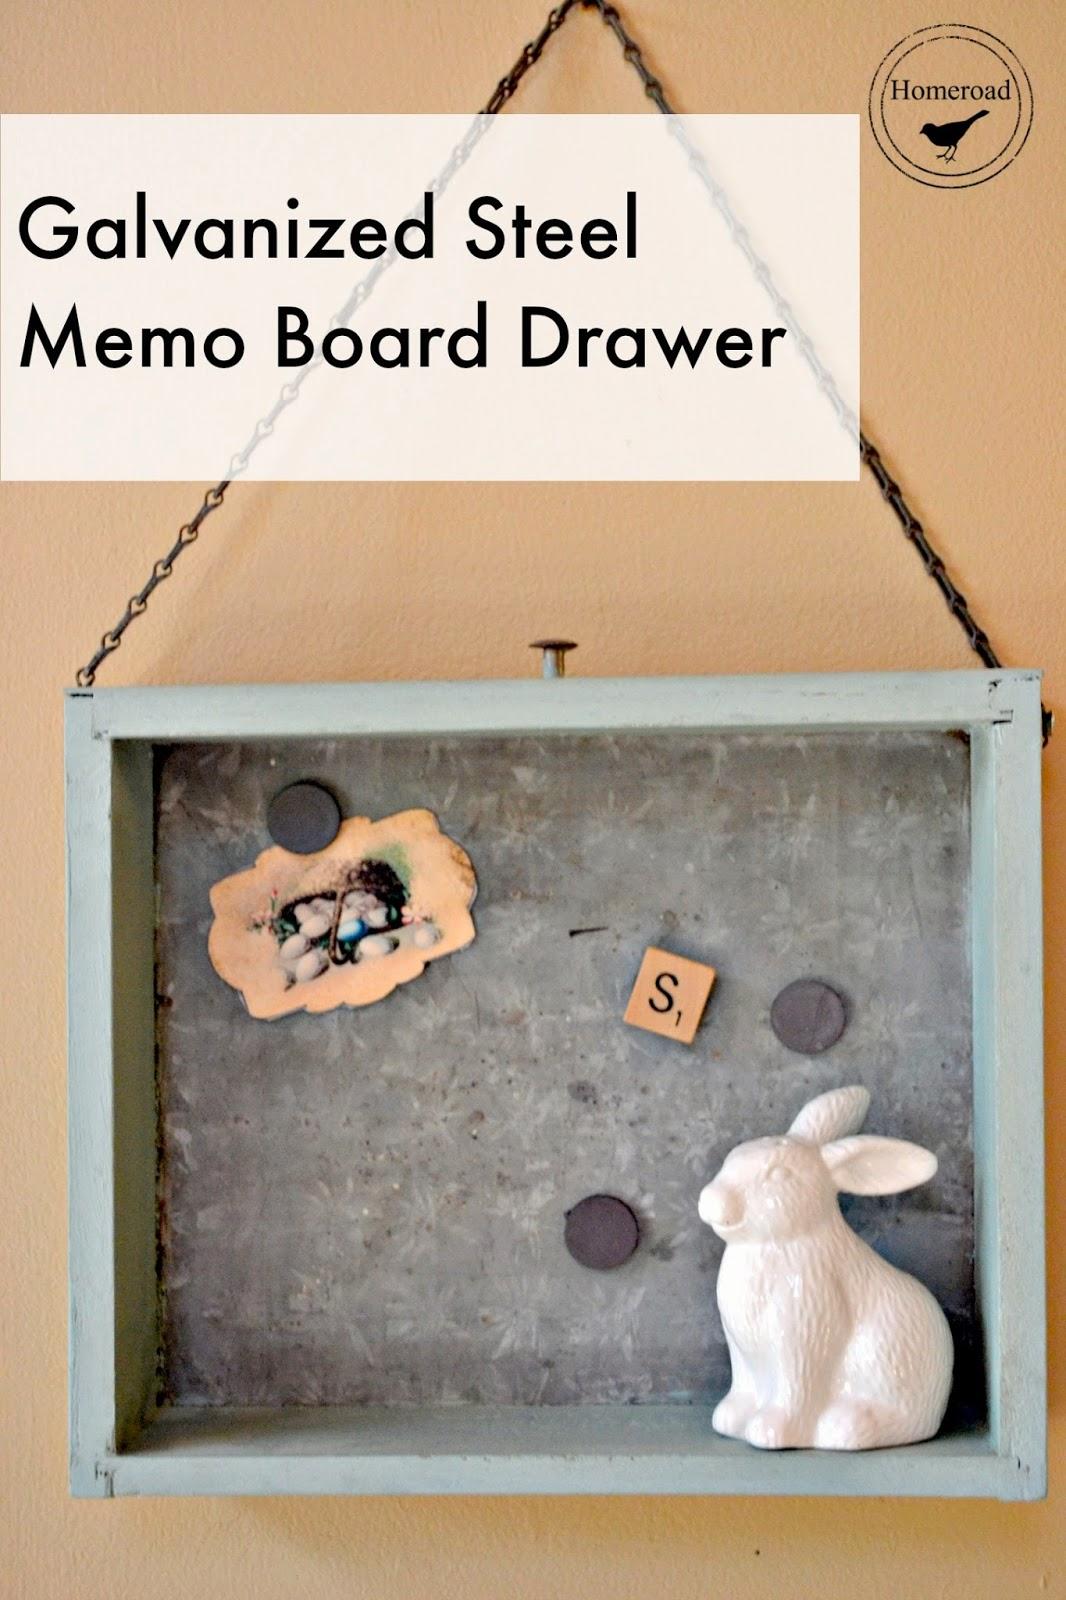 Galvanized Steel Memo Board Drawer www.homeroad.net